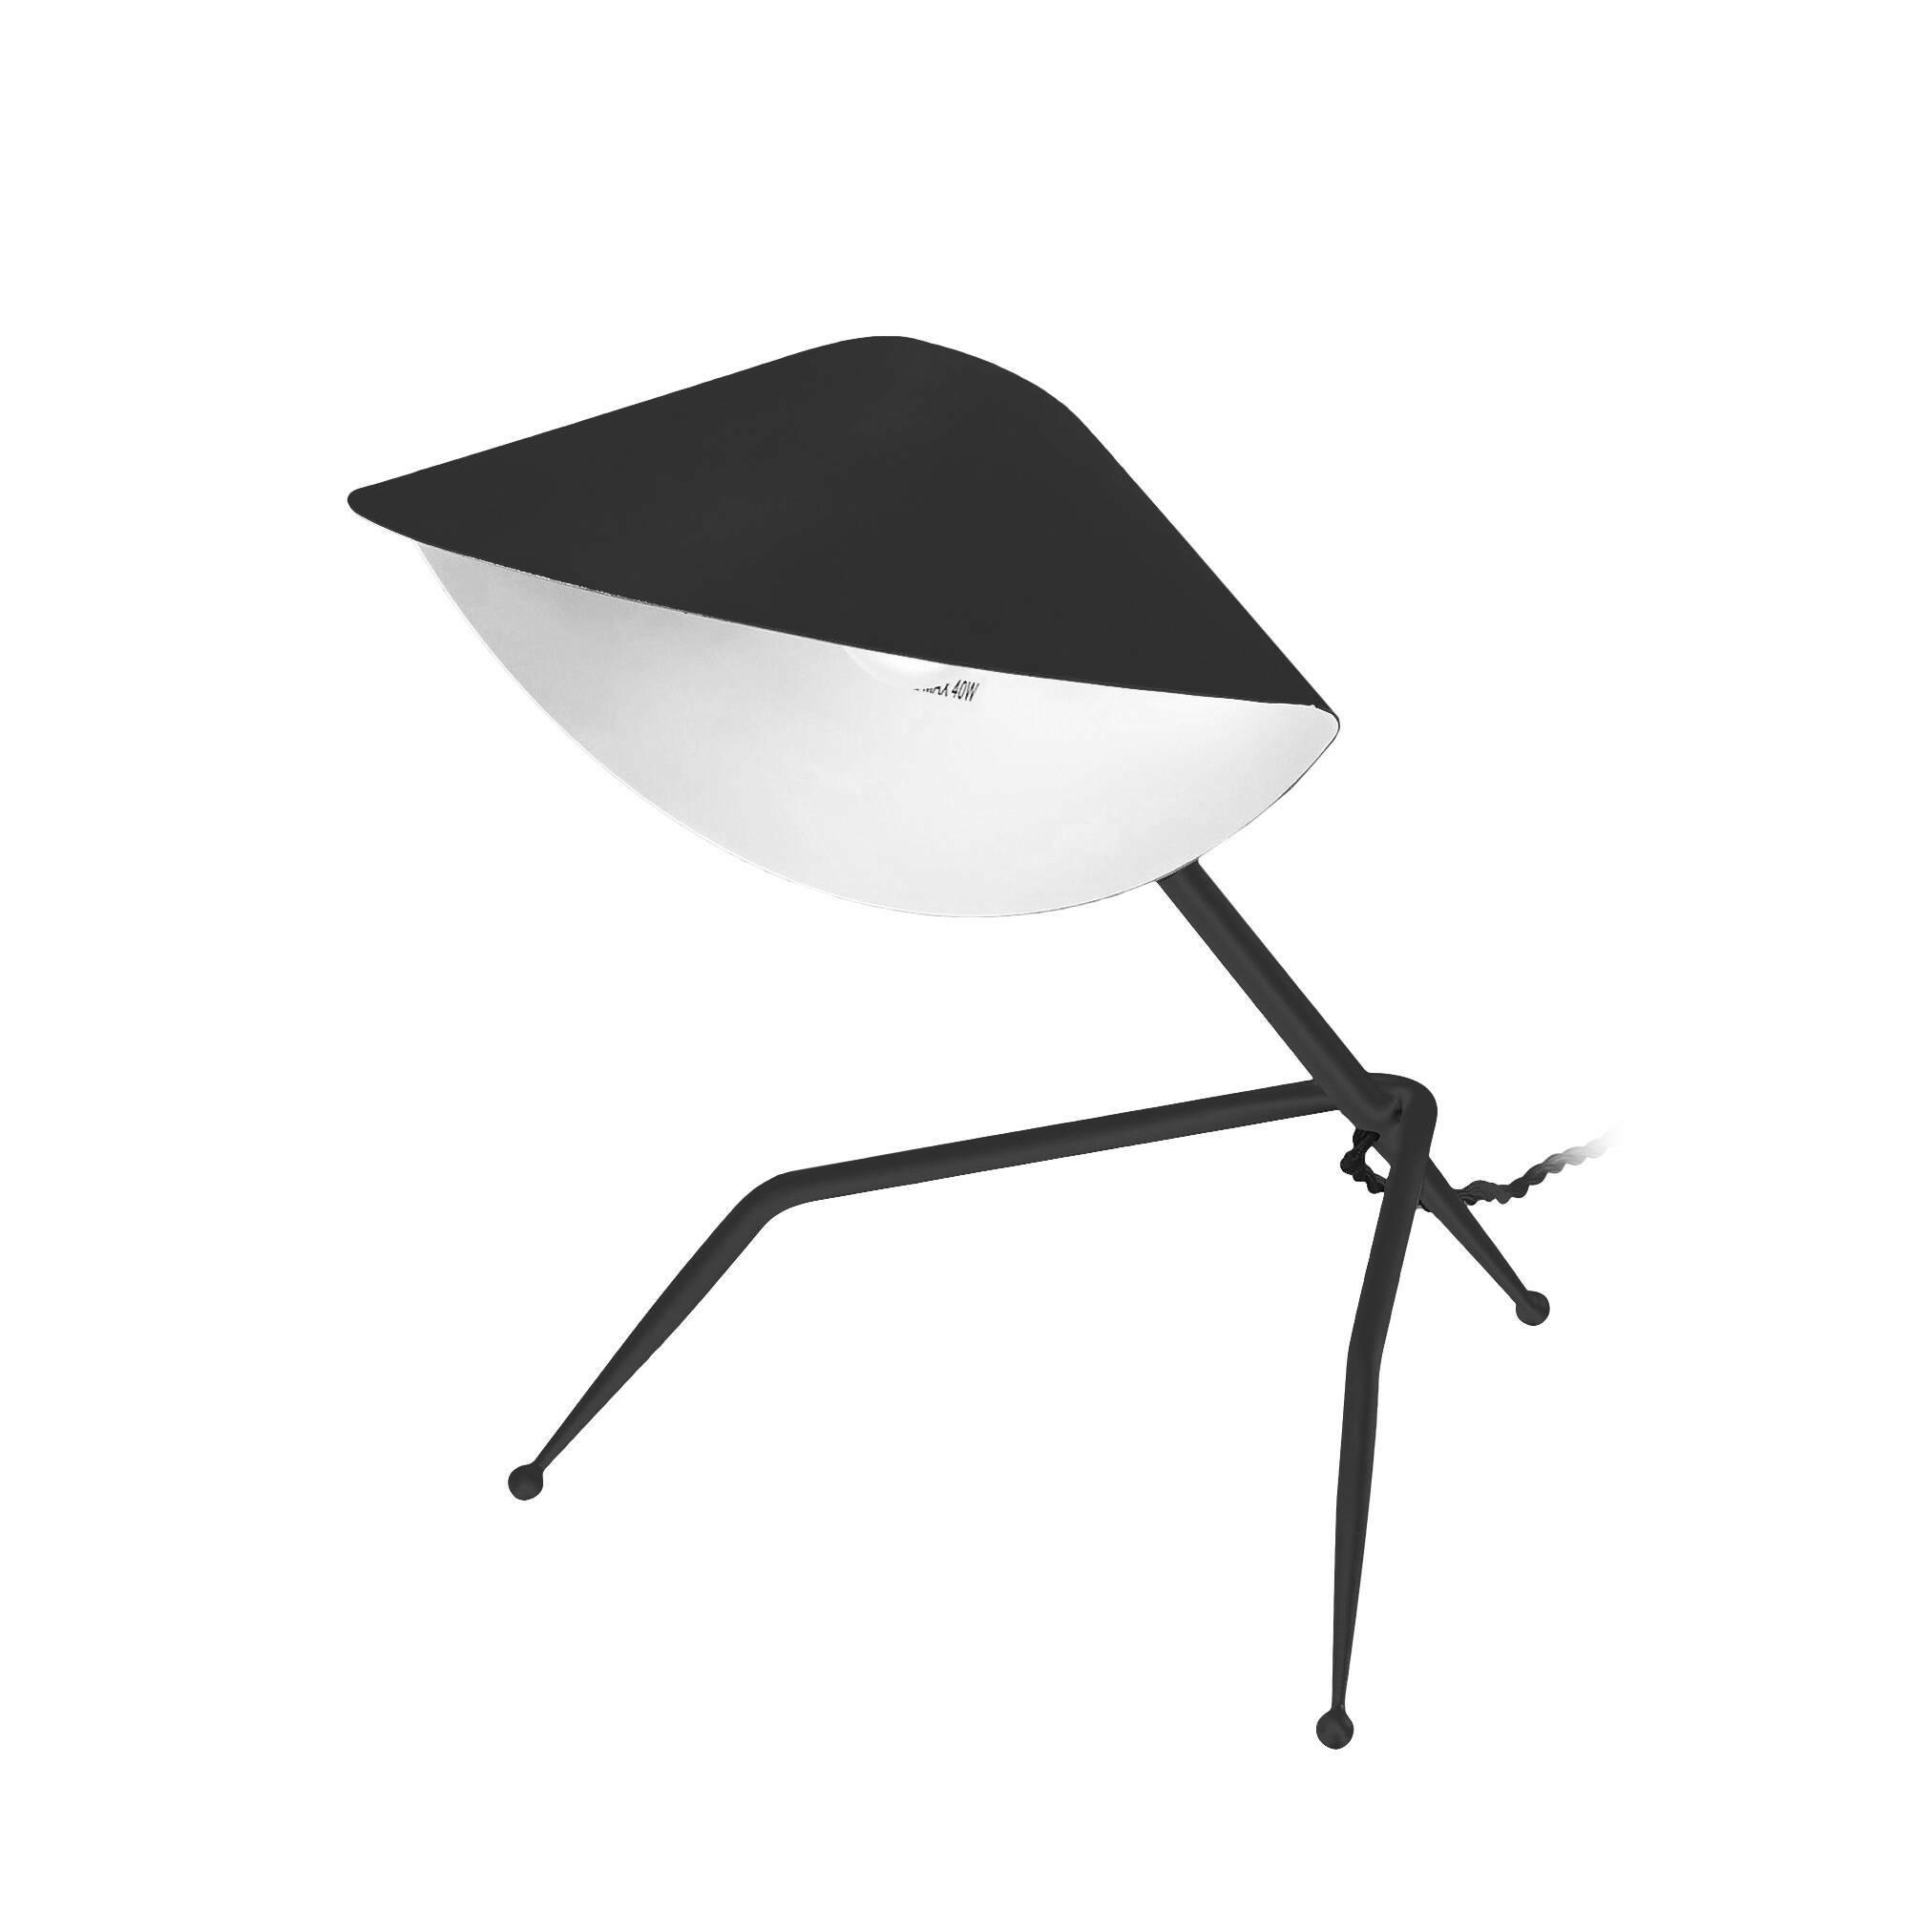 Настольный светильник Antony TripodeНастольные<br>Знаменитый французский дизайнер источников освещения Серж Муй старался создать иллюзию движения, оживить пространство, чтобы оно не казалось скучным и сухим. Светильники могут быть настоящими произведениями искусства, и работы Сержа Муя тому прекрасный пример. Настольный светильник Antony Tripode напоминает собой высокотехнологичного робота, который словно сам способен подбежать и осветить ваше рабочее место.<br><br><br> Изделие отличается не только оригинальным дизайном, но и отличными высоко...<br><br>stock: 0<br>Высота: 35<br>Ширина: 26<br>Длина: 29,5<br>Количество ламп: 1<br>Материал абажура: Алюминий<br>Материал арматуры: Сталь<br>Мощность лампы: 75<br>Ламп в комплекте: Нет<br>Тип лампы/цоколь: E14<br>Цвет абажура: Черный<br>Цвет арматуры: Черный<br>Цвет провода: Черный